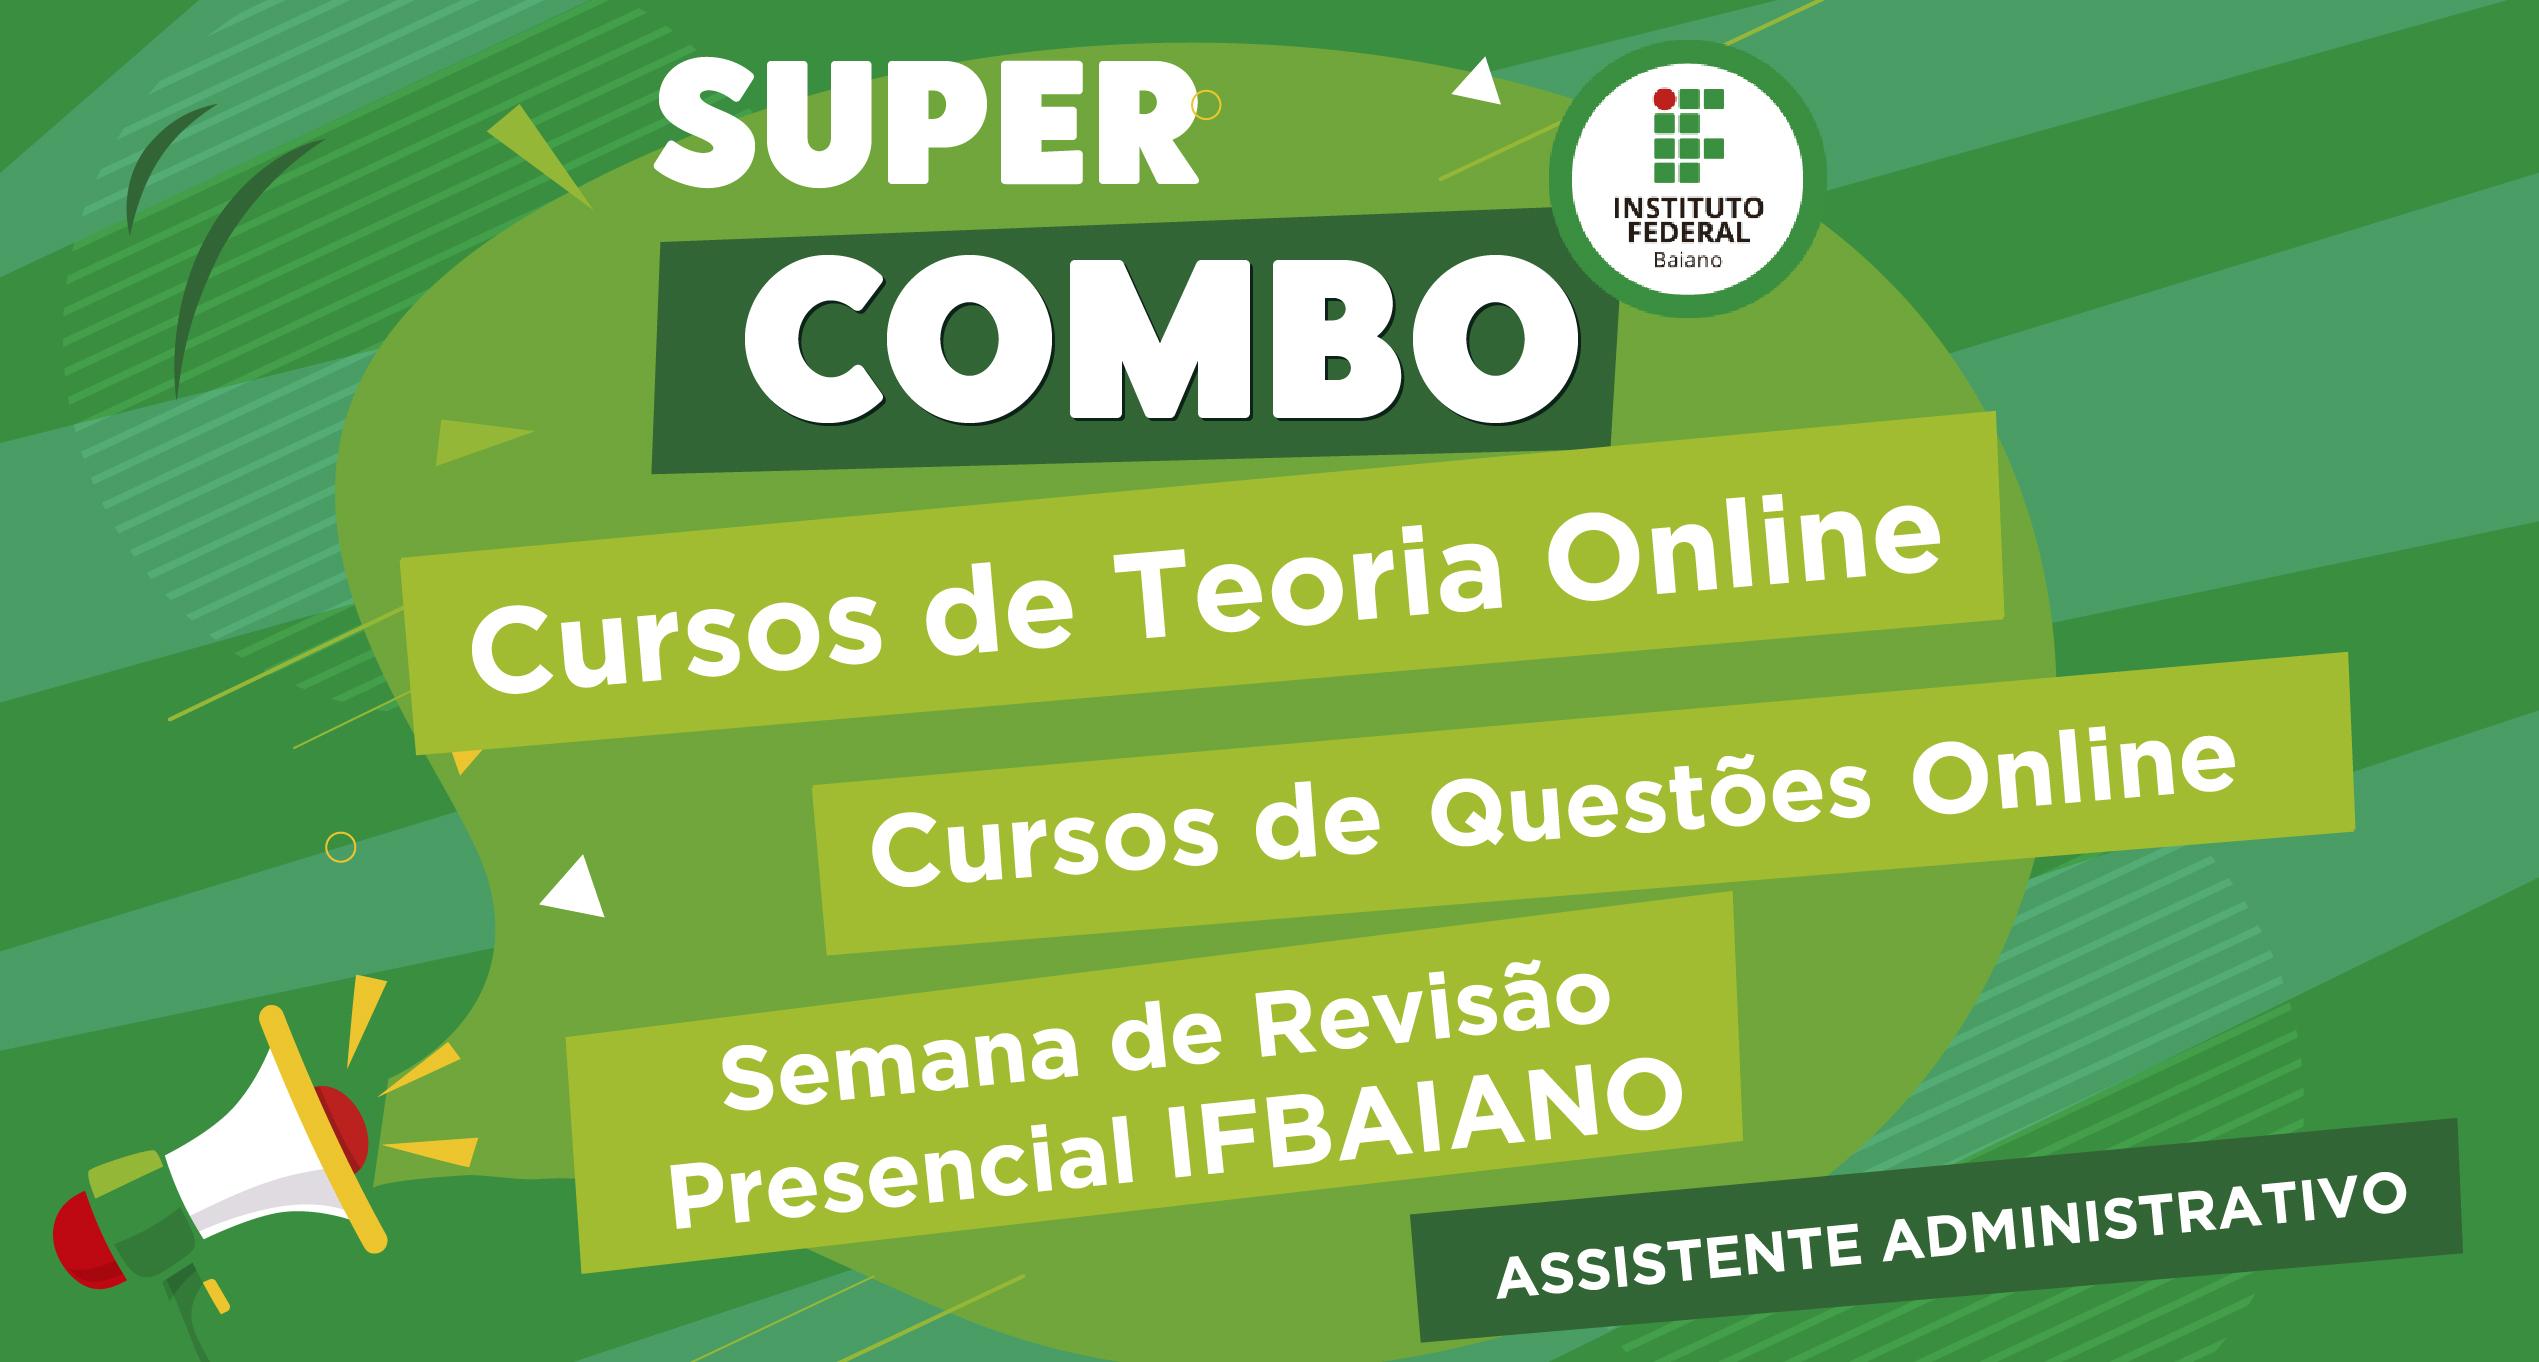 Super Combo - IFBAIANO - Assistente em Administração